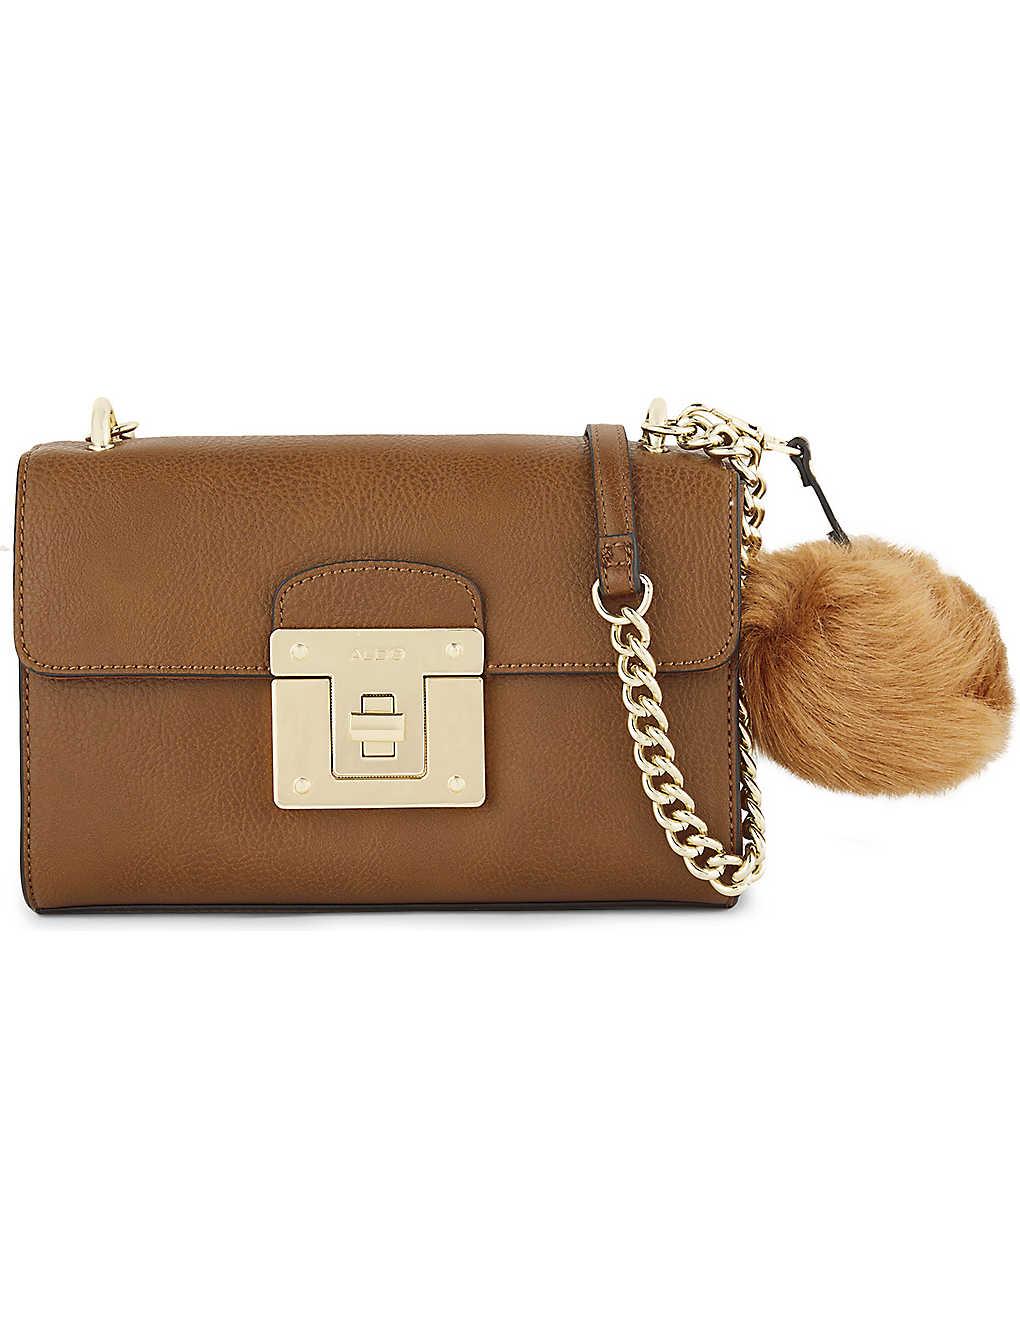 e6f93fa1845 ALDO - Chirade shoulder bag | Selfridges.com